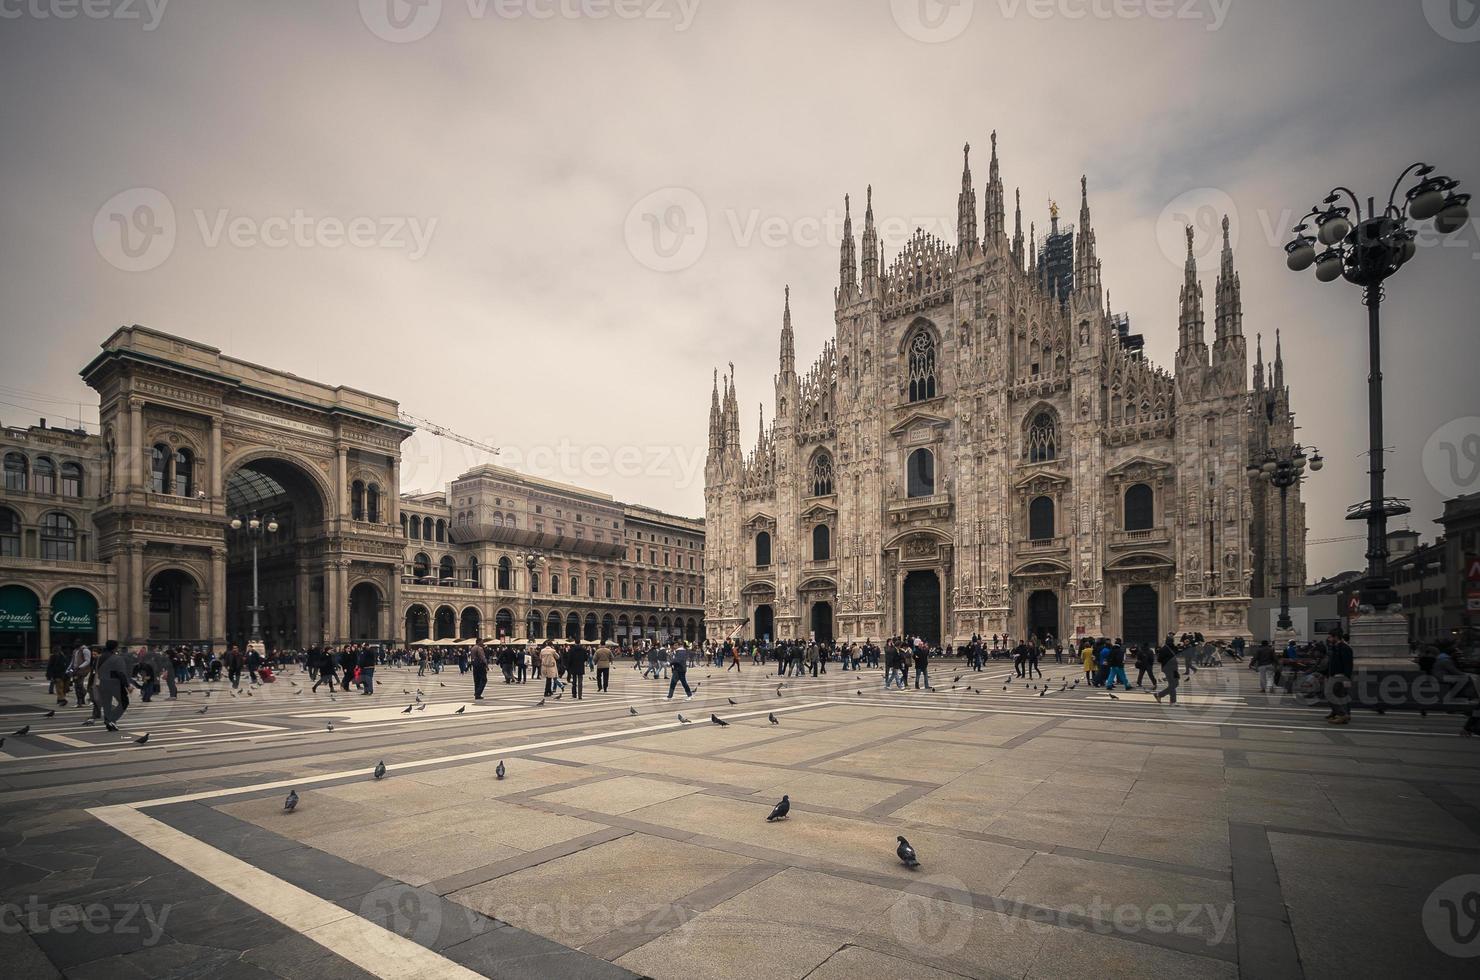 à la recherche de la cathédrale gothique duomo di milano, vintage photo